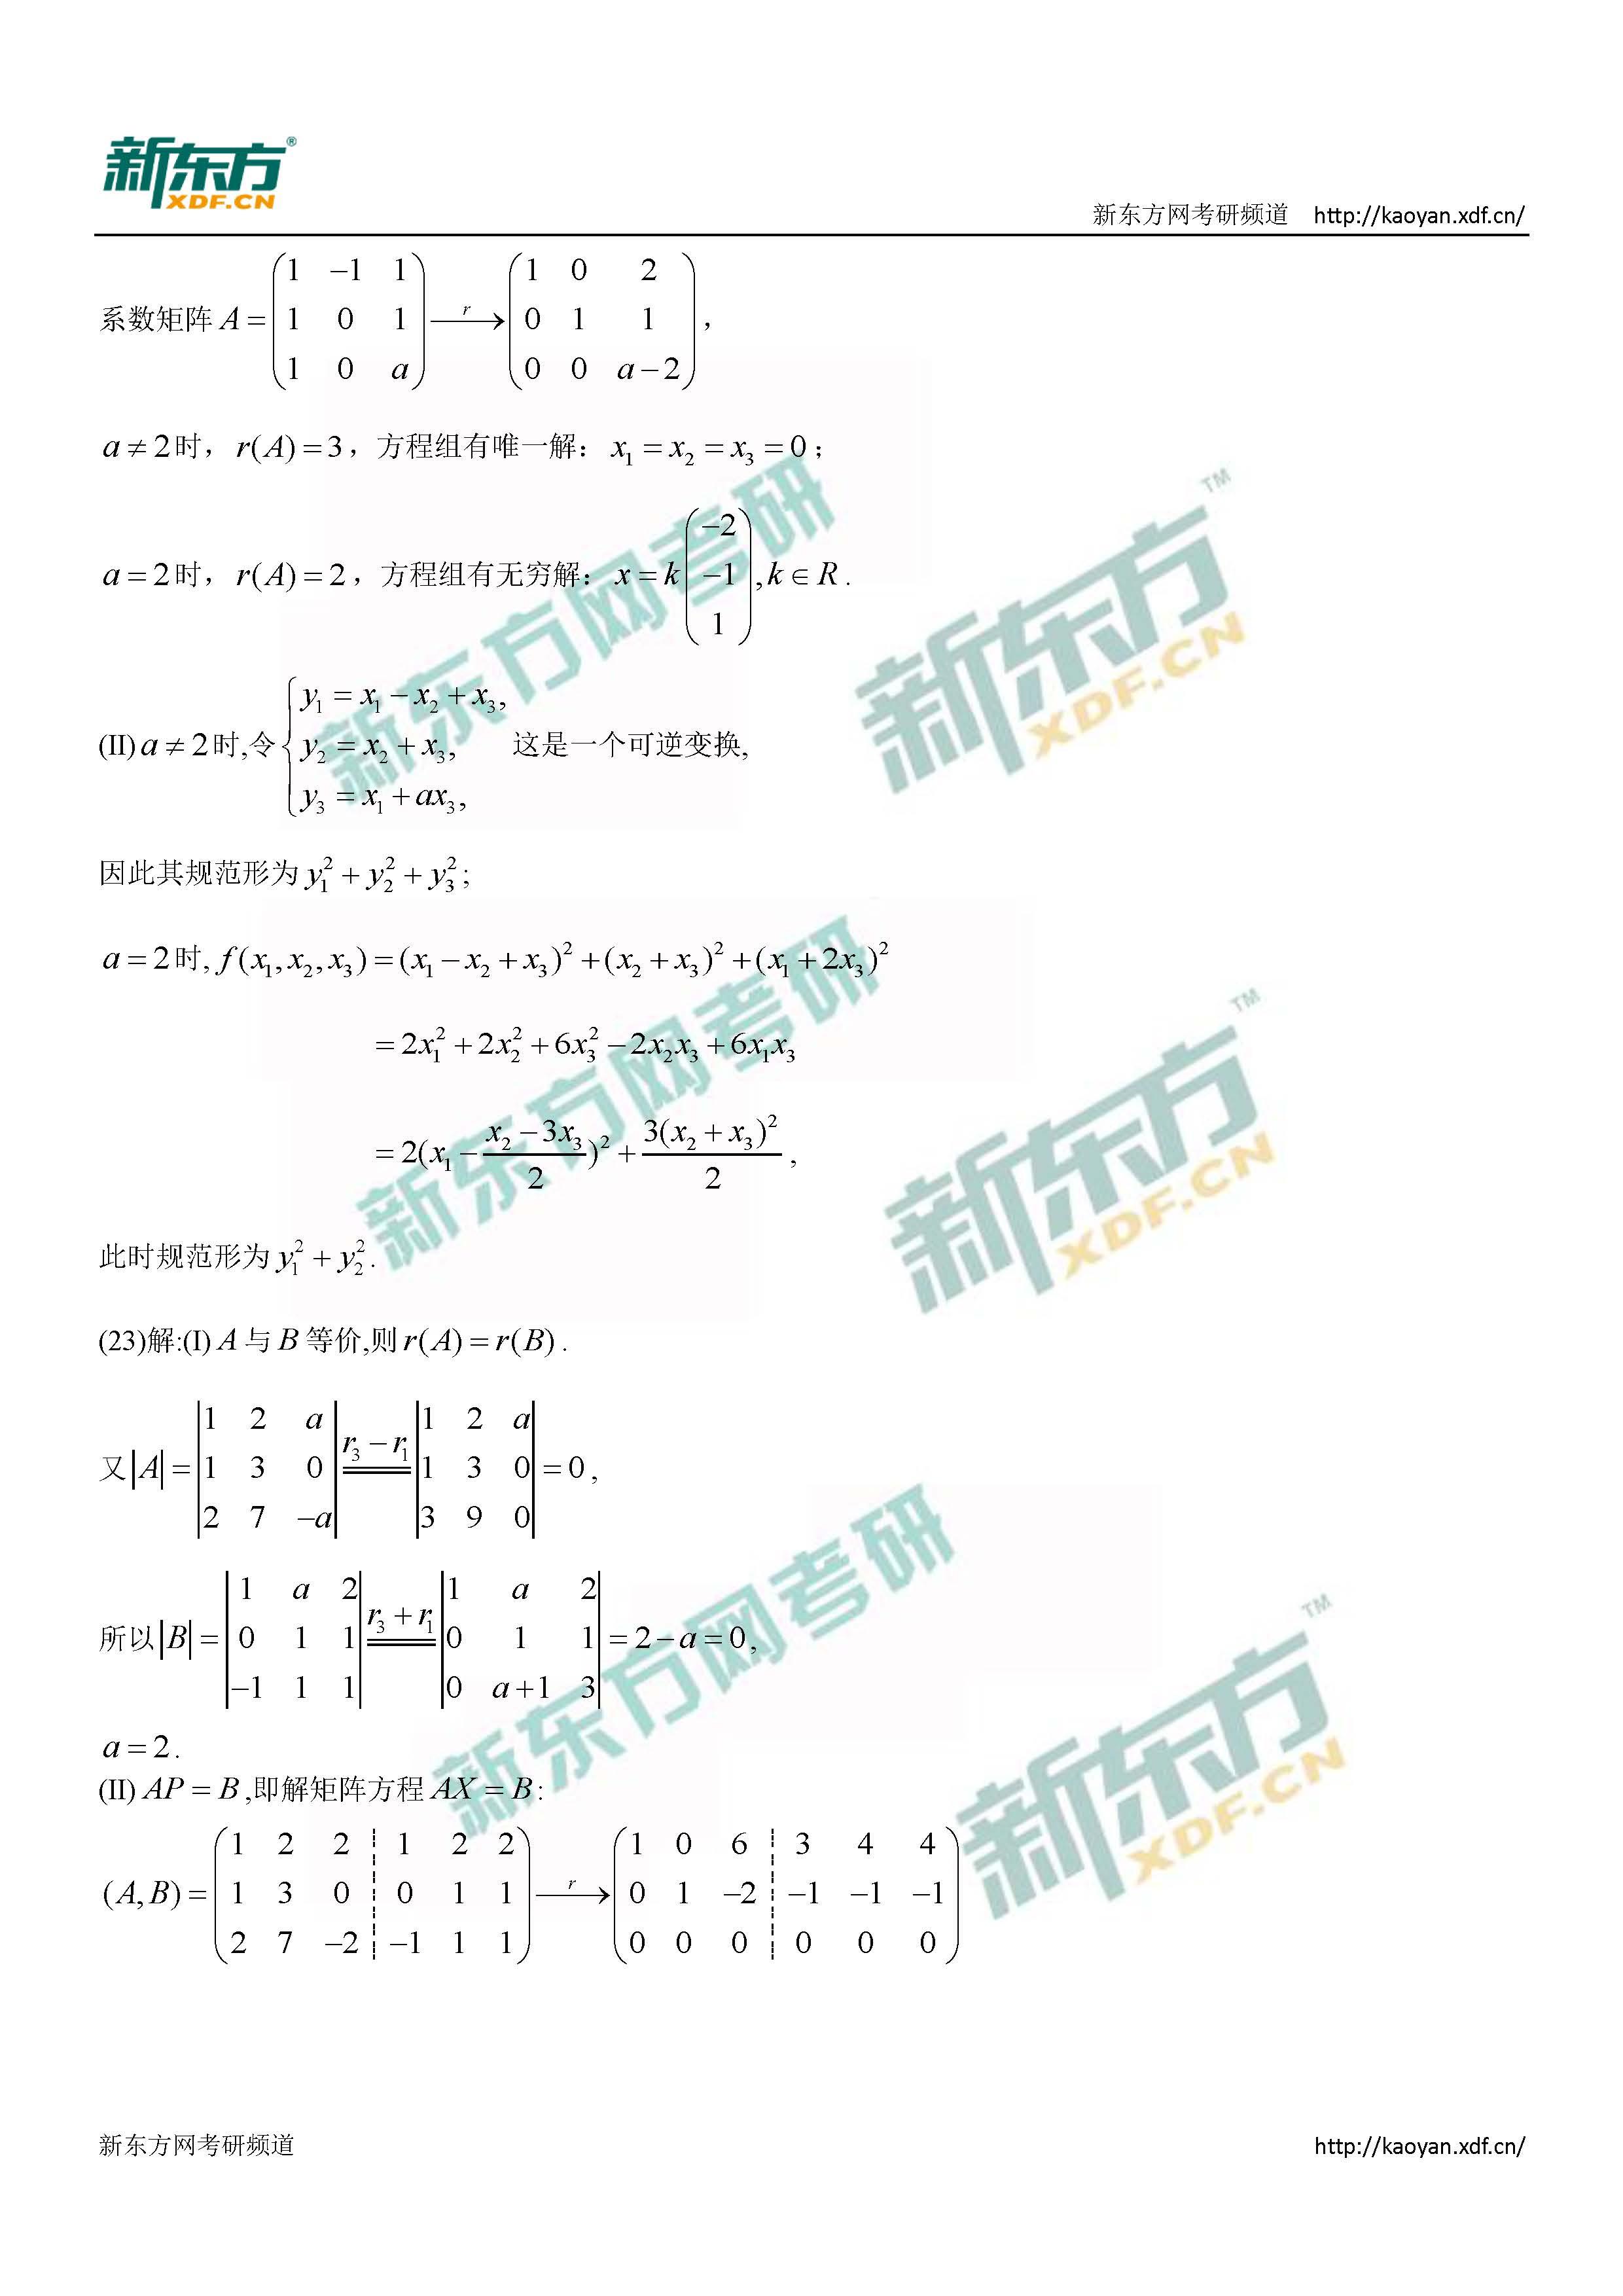 2018考研数学二真题逐题解析word版(新东方版)